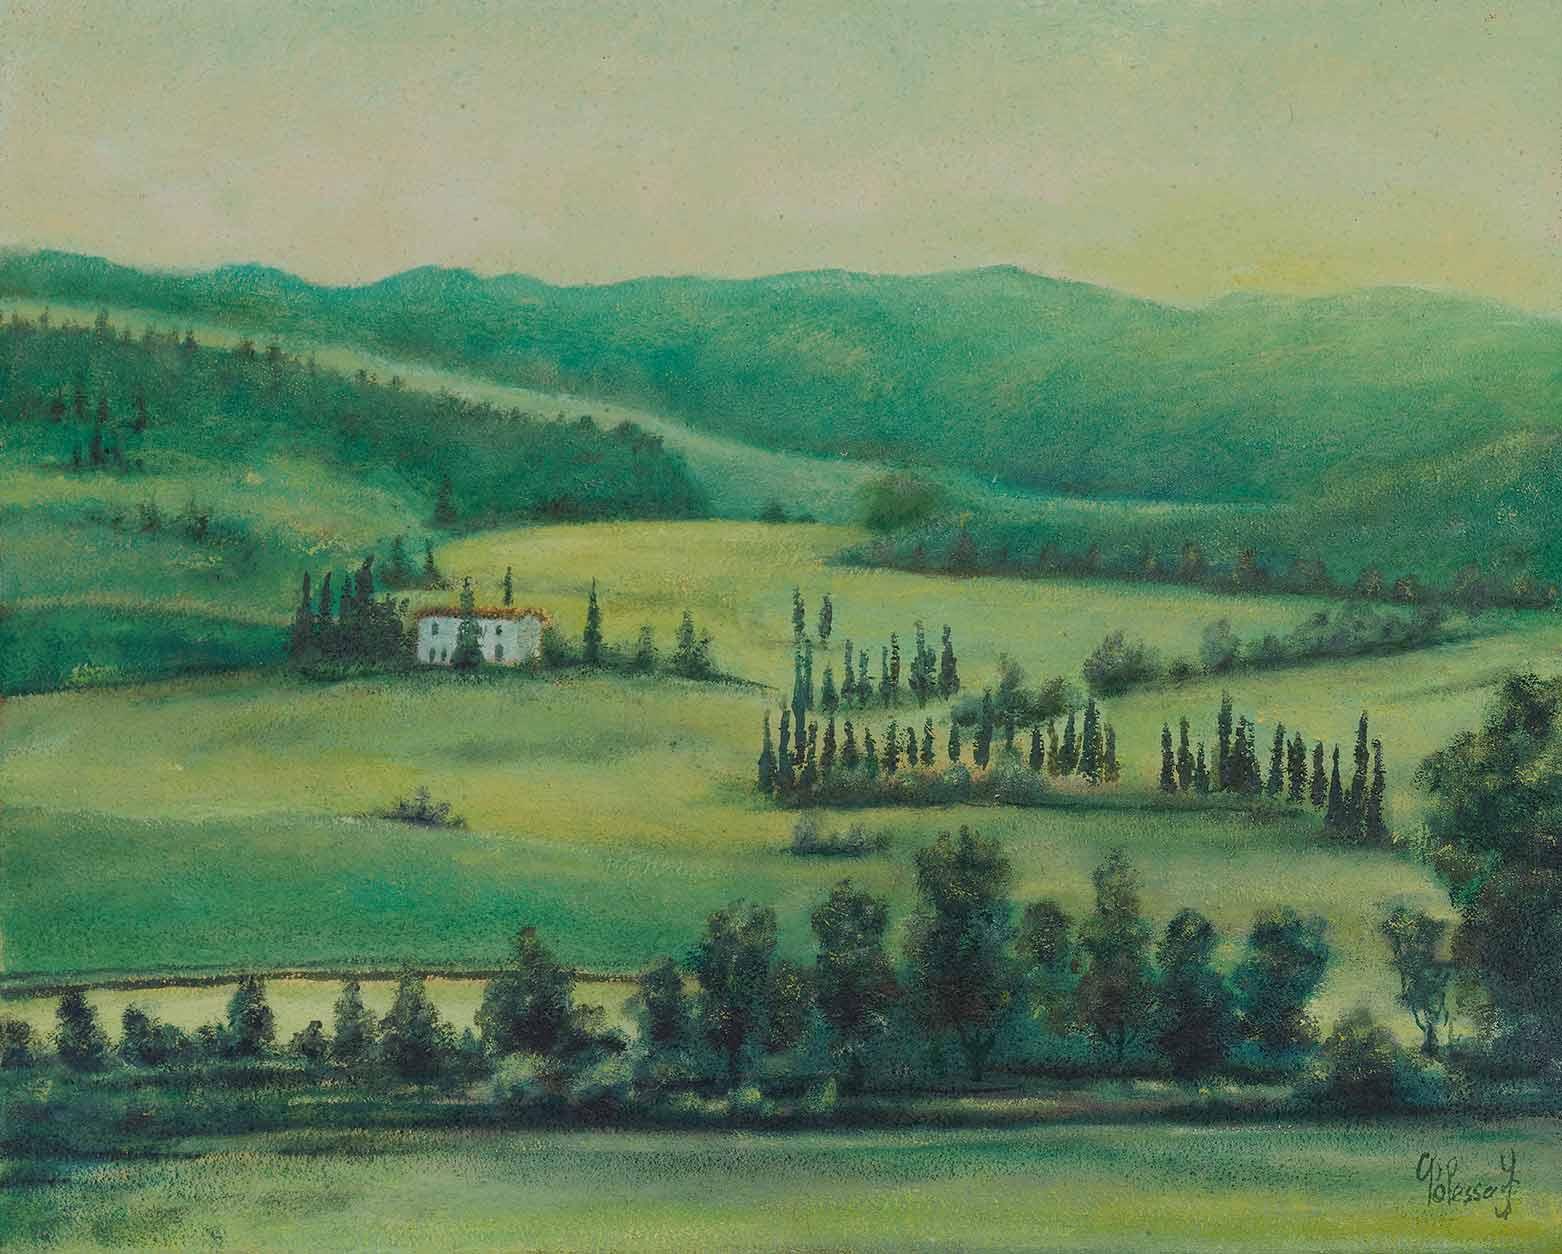 quadro paesaggio toscana, olio su tela, maestro polesso fulvio pittore chiarista milano italia